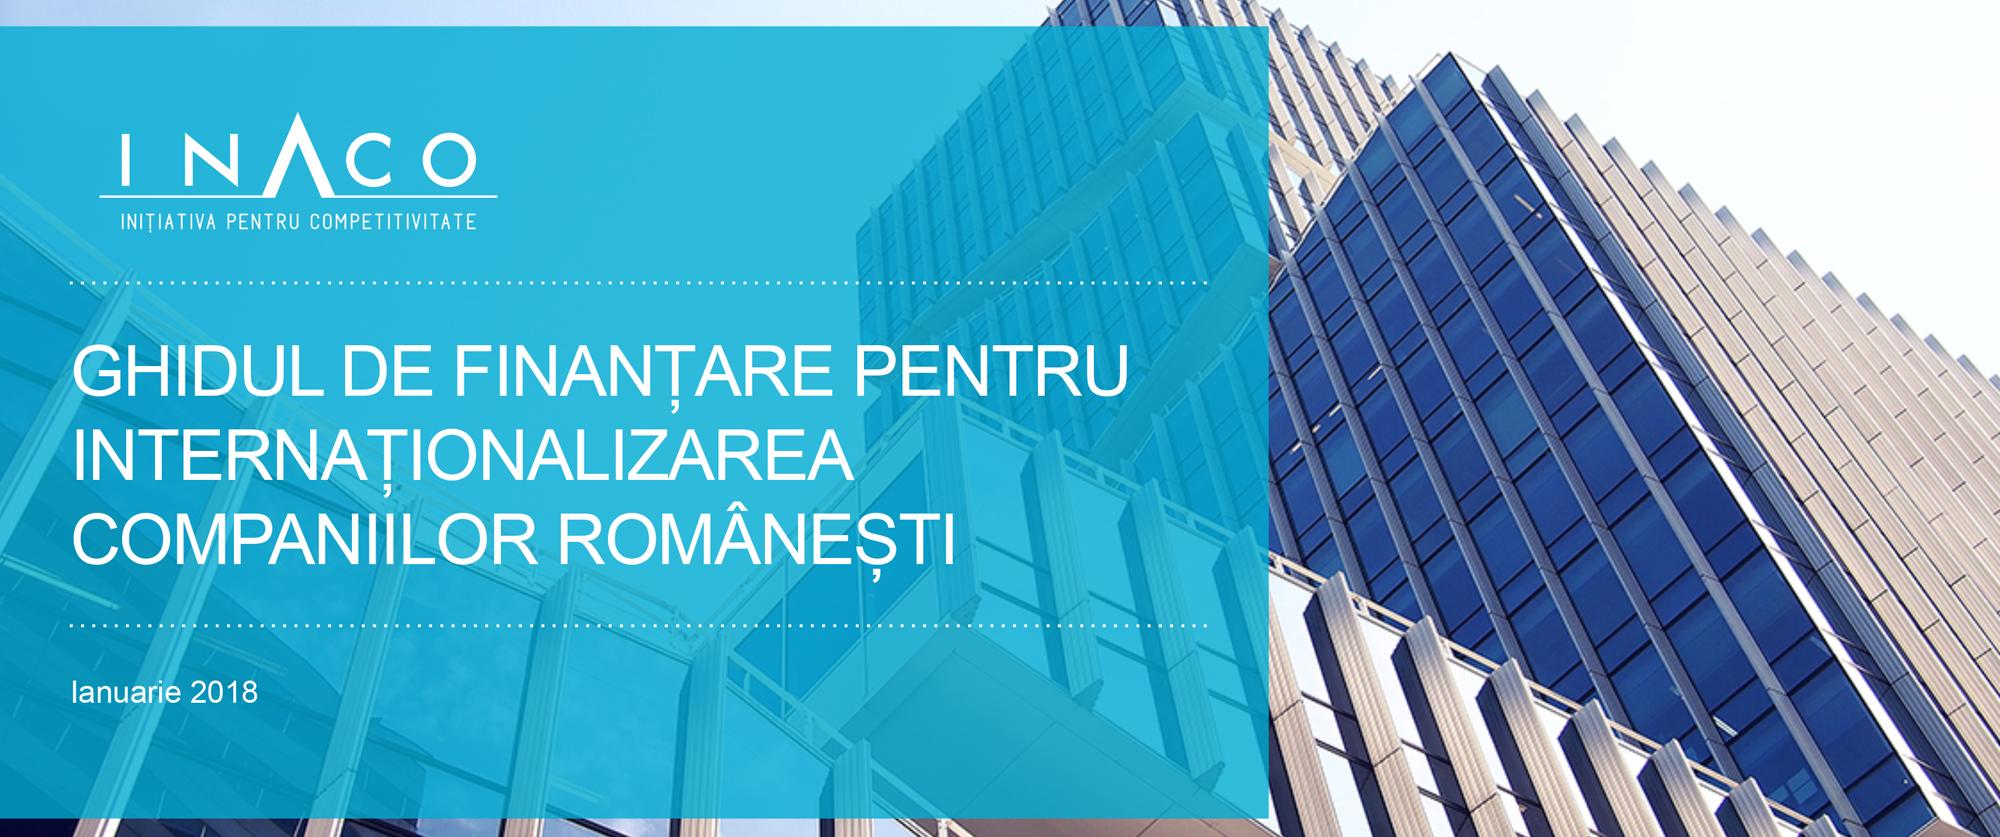 Ghidul de finanțare pentru internaționalizarea companiilor românești ianuarie 2018